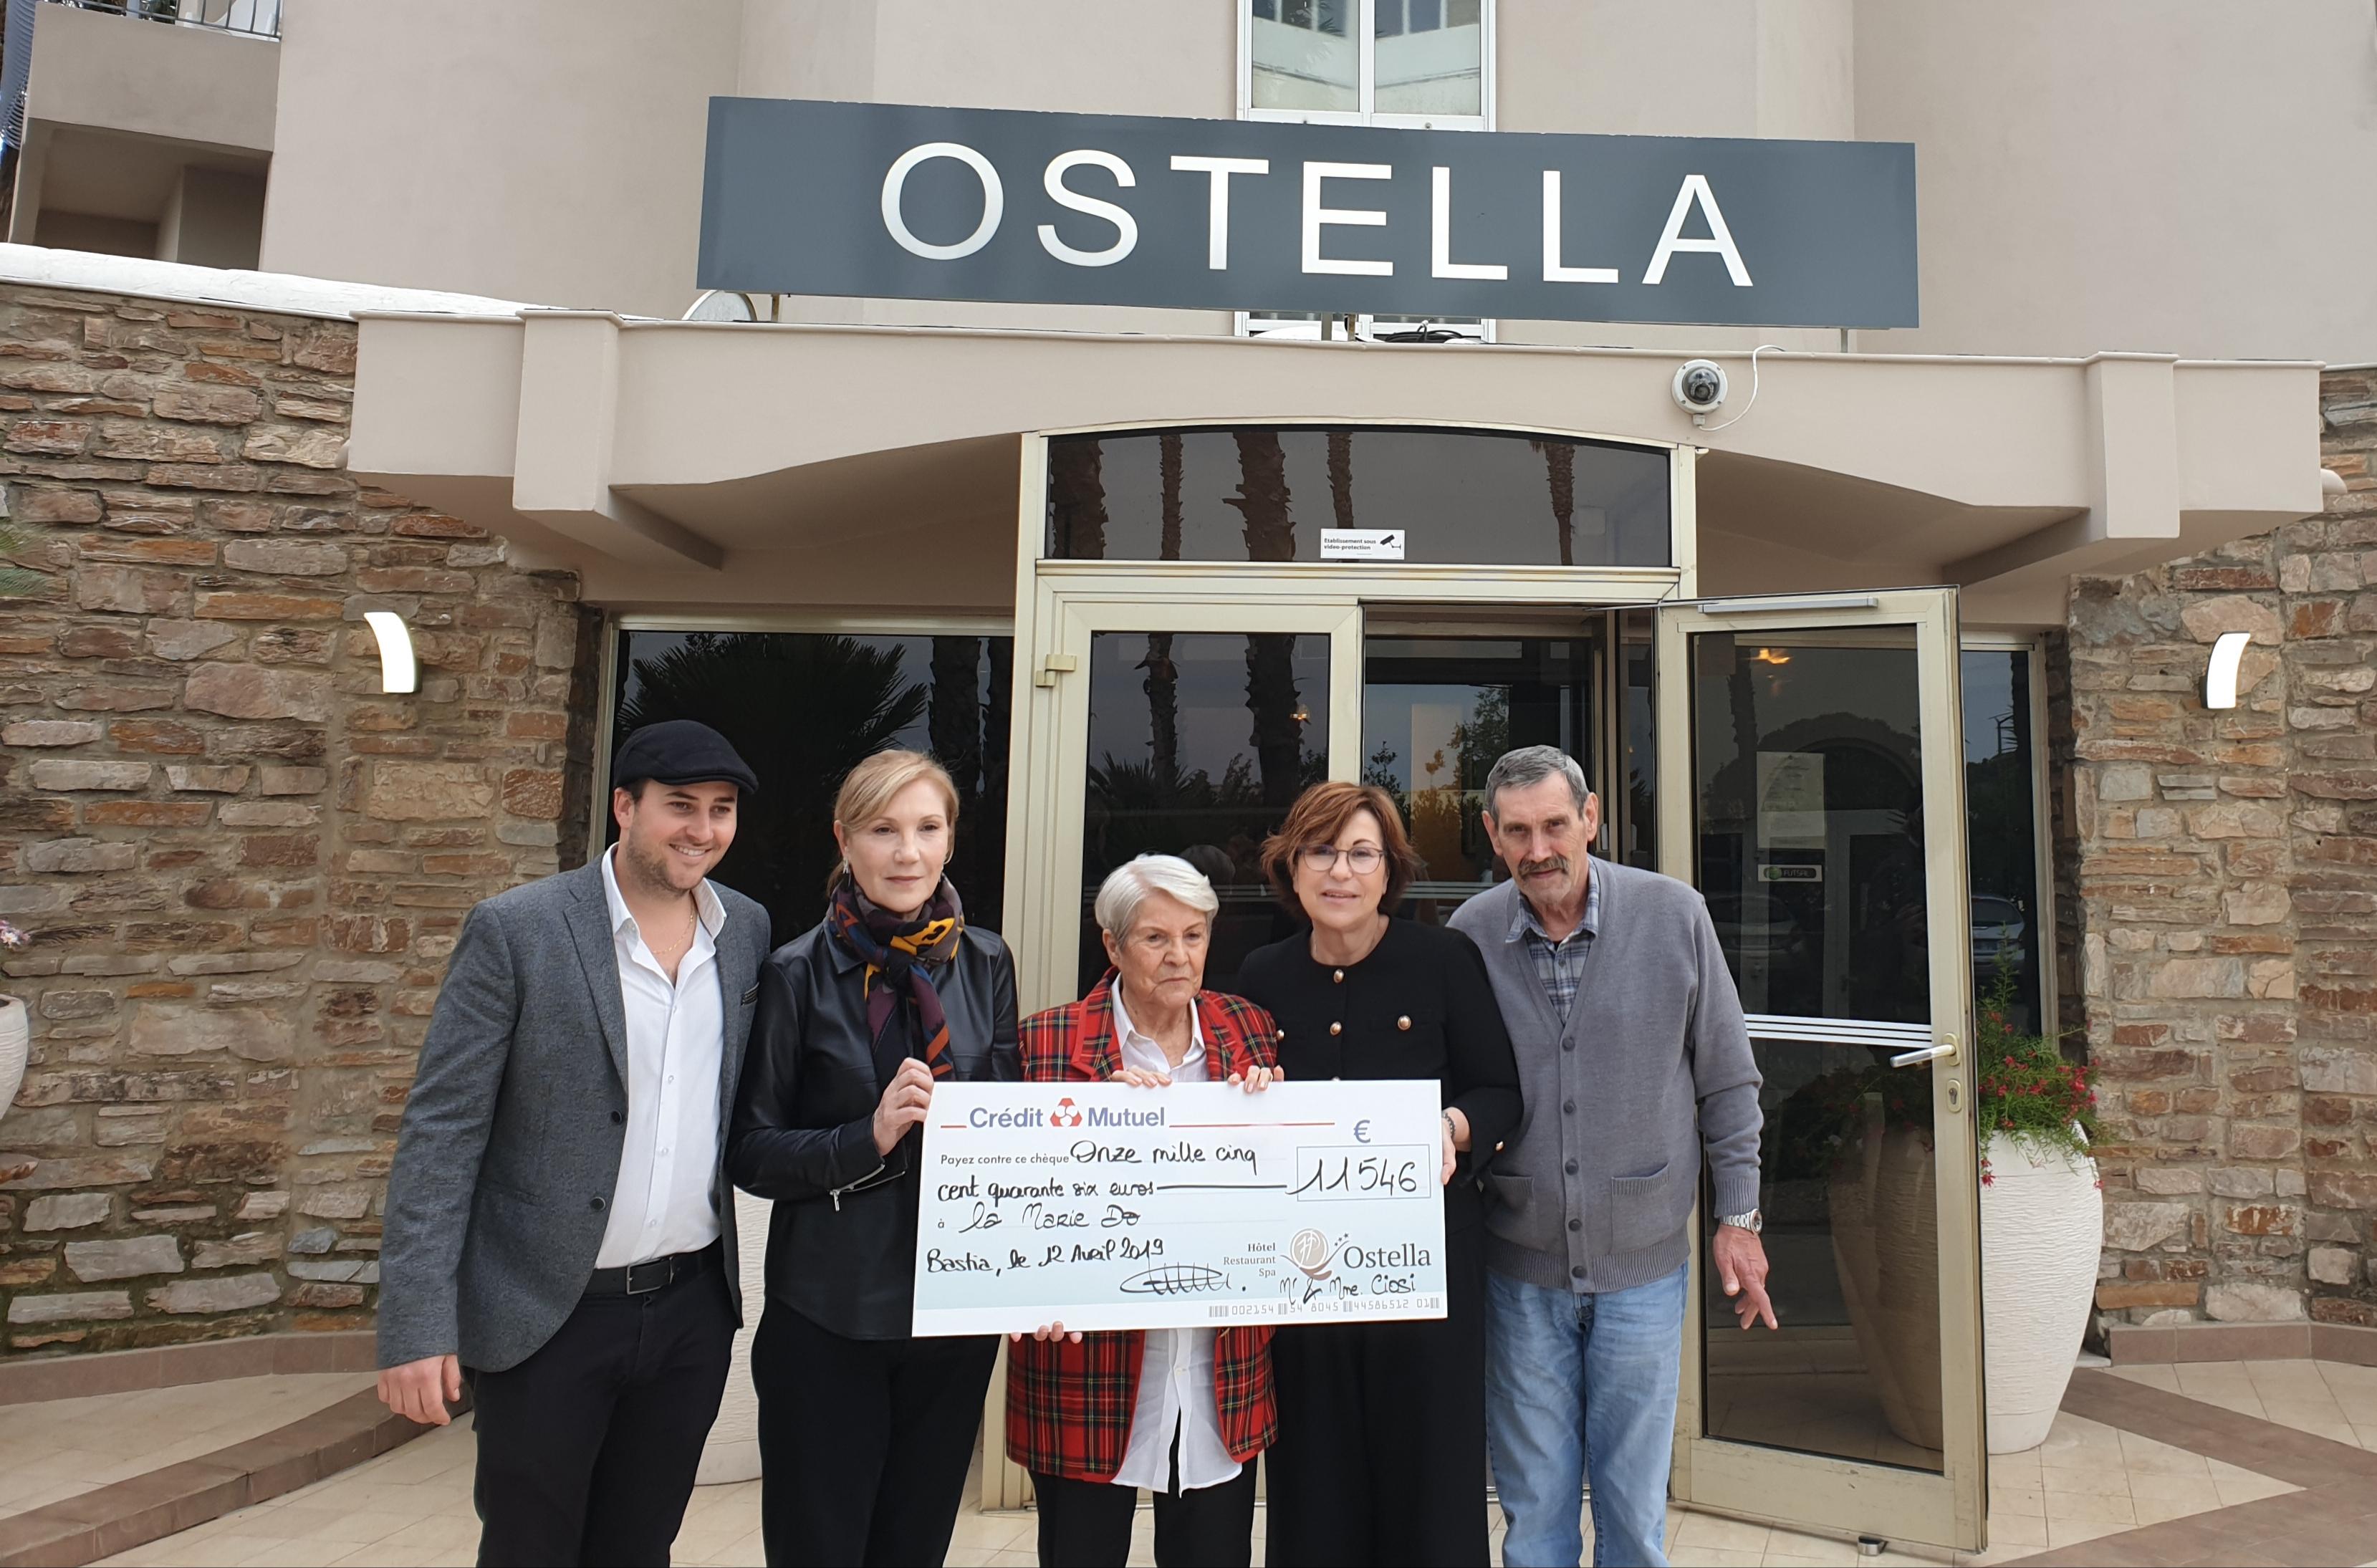 La Marie-Do et l'Ostella : Un partenariat porteur d'espoir